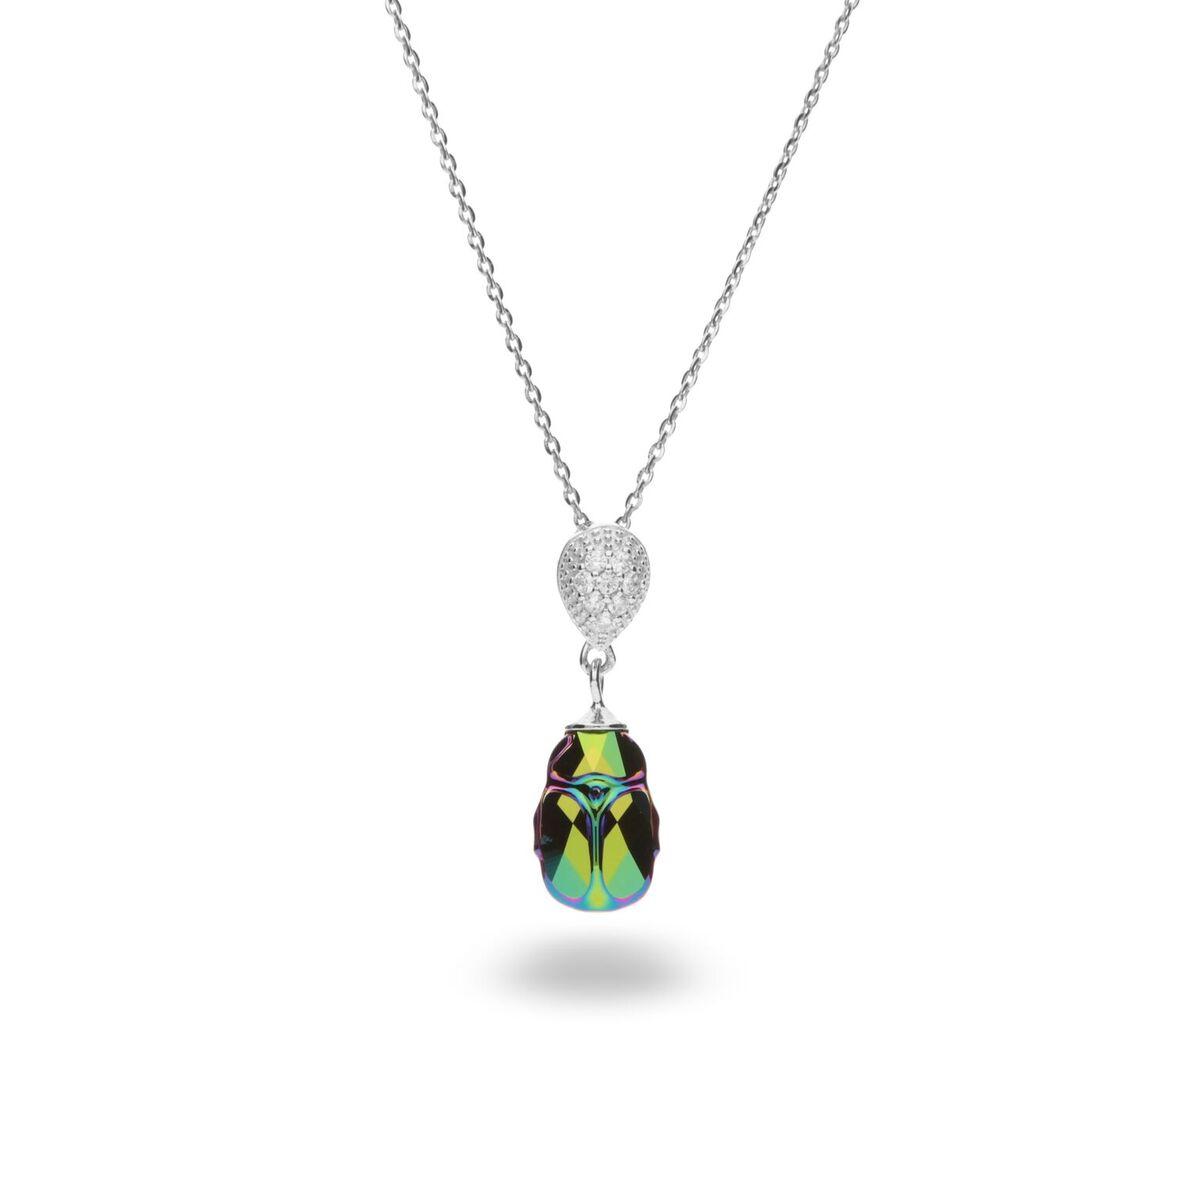 Spak_Silver_Jewelry_-_zielone_inspiracje_1